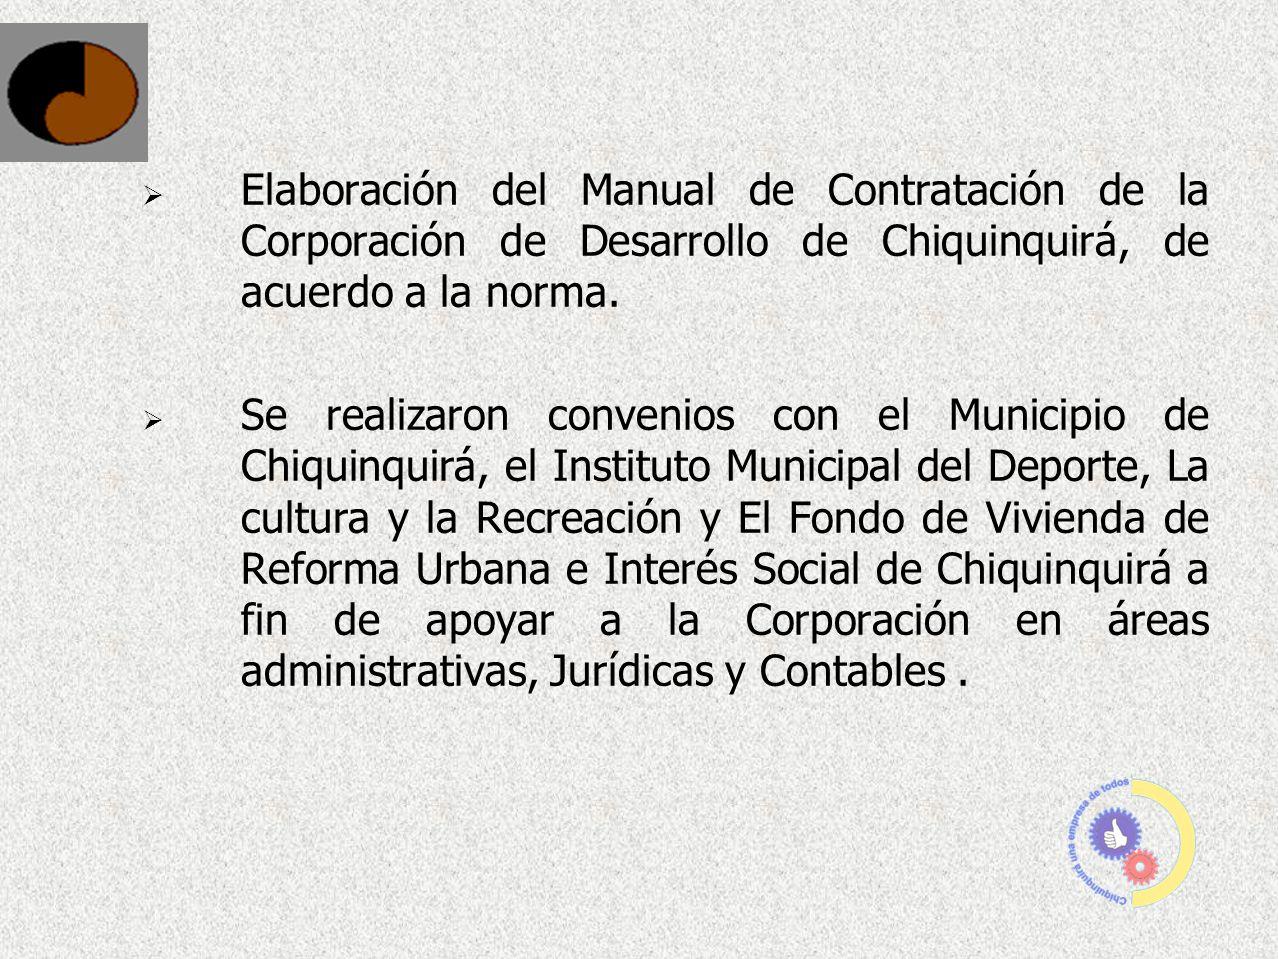 Elaboración del Manual de Contratación de la Corporación de Desarrollo de Chiquinquirá, de acuerdo a la norma.